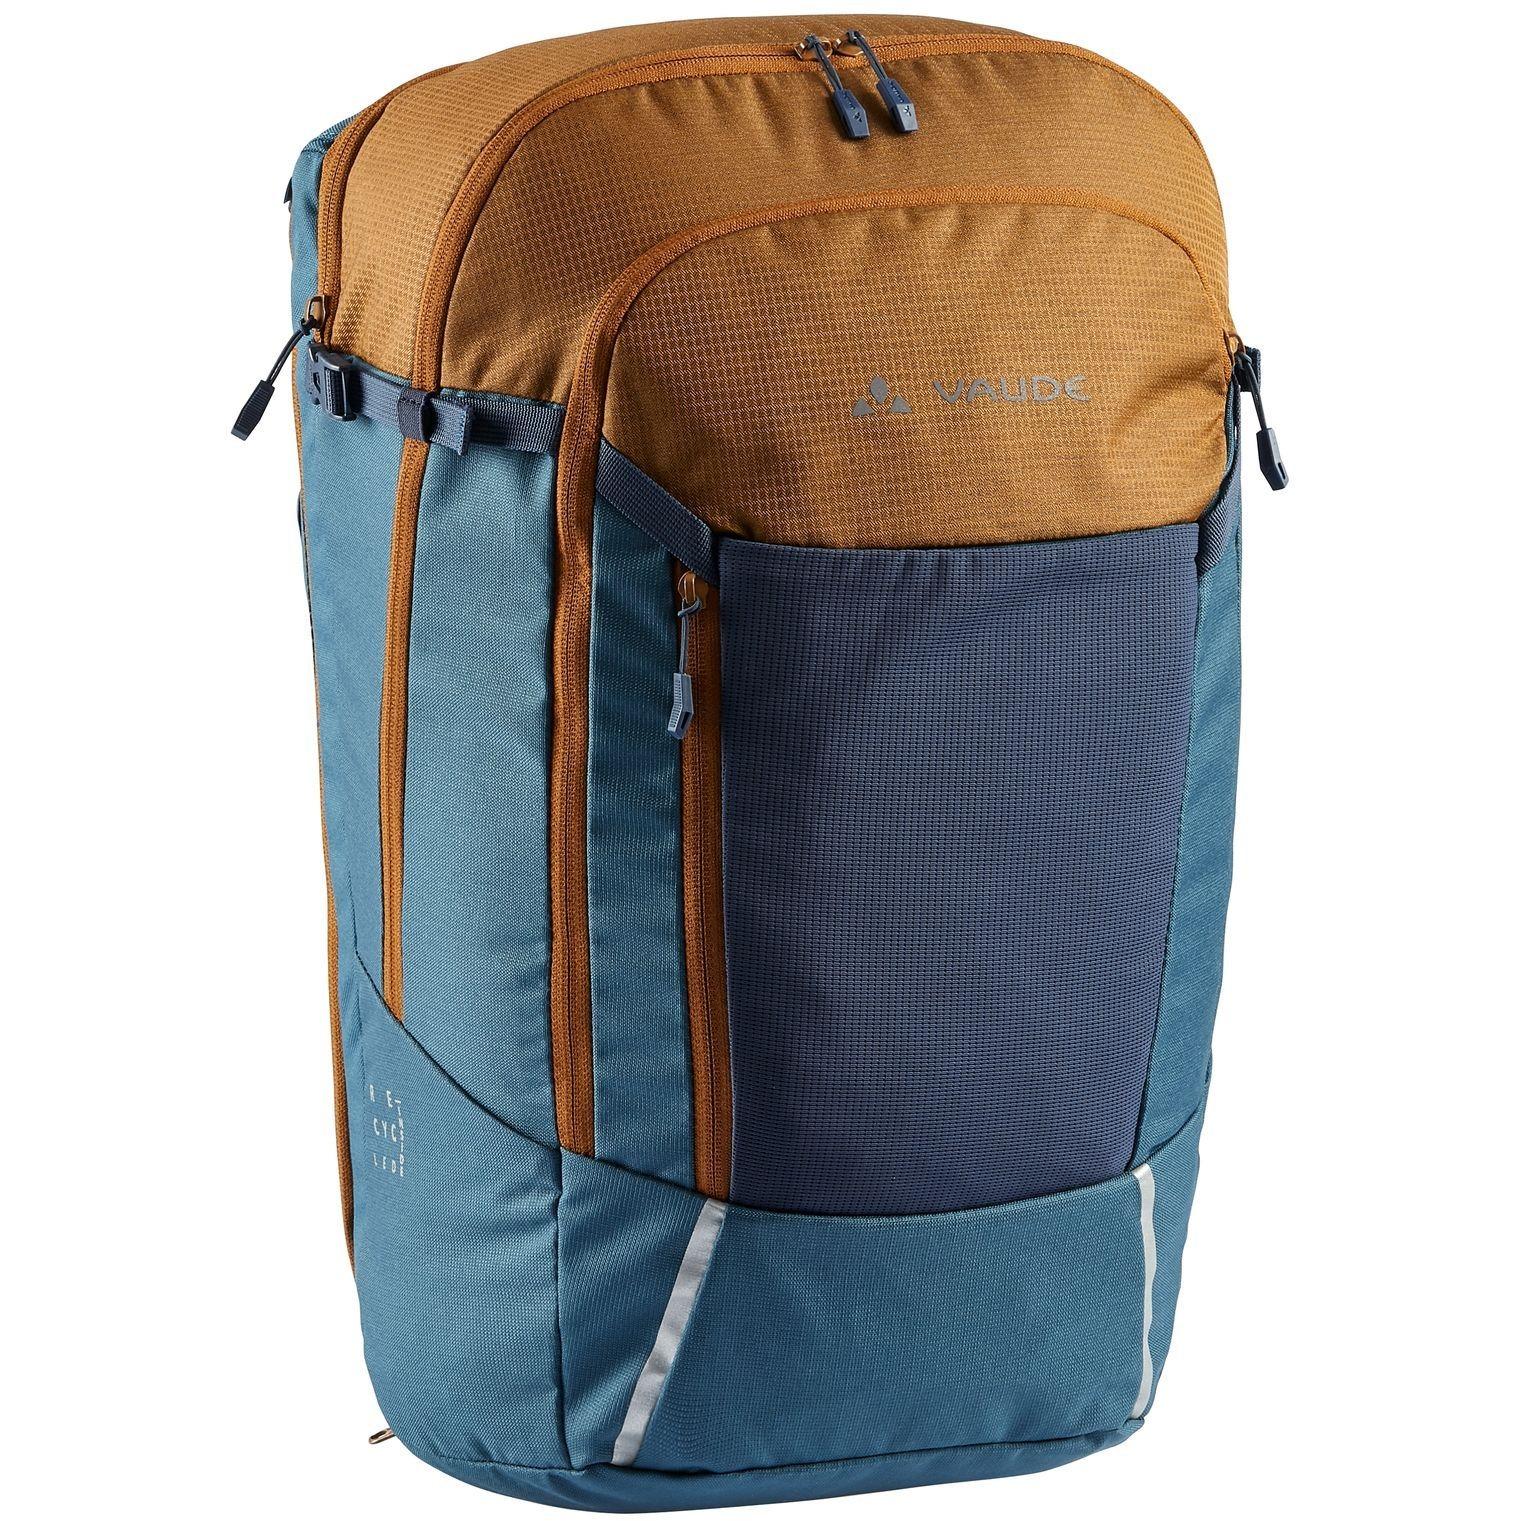 Vaude Cycle 28 II Backpack - baltic sea/umbra